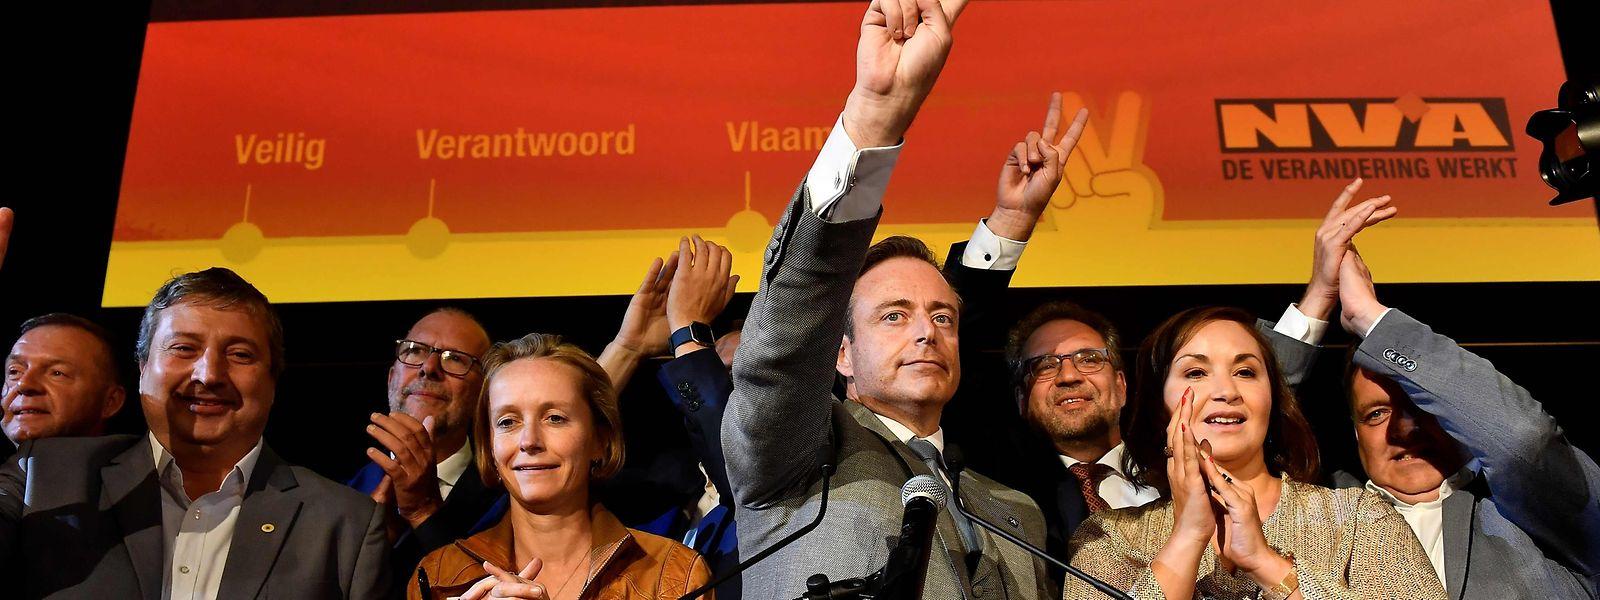 Pour Bart De Wever et la N-VA, le «confédéralisme» constitue plus que jamais la solution.